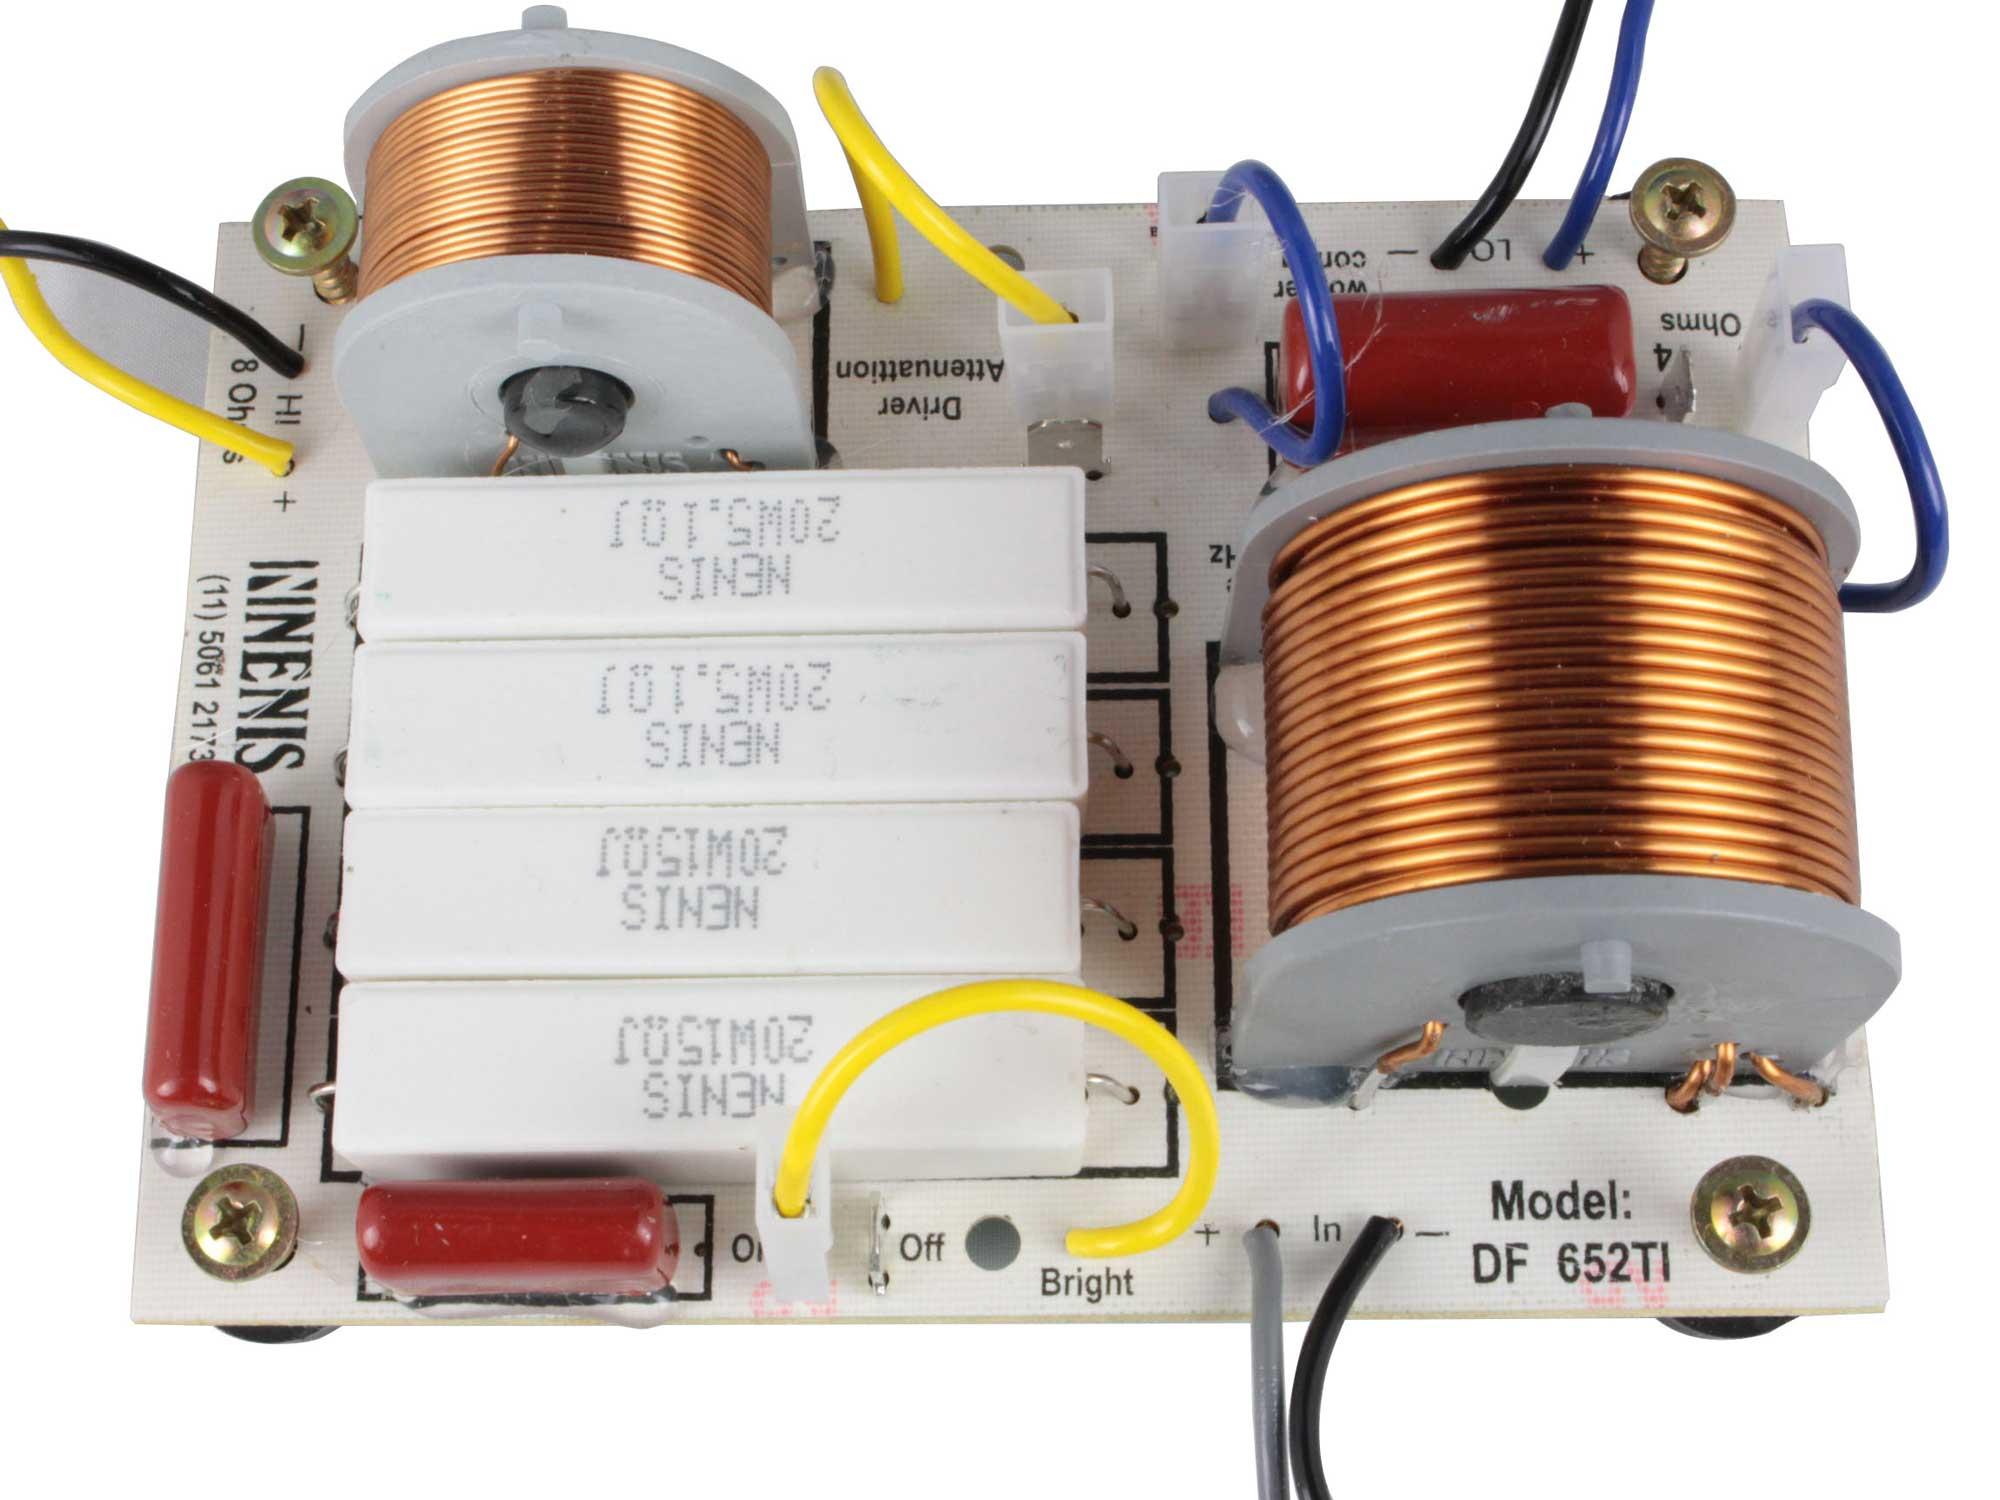 Divisor de Frequência 2 vias Passivo | 1 ou 2 Alto-falantes + 1 Driver de Titanium de até 650W RMS | DF652TI | Nenis